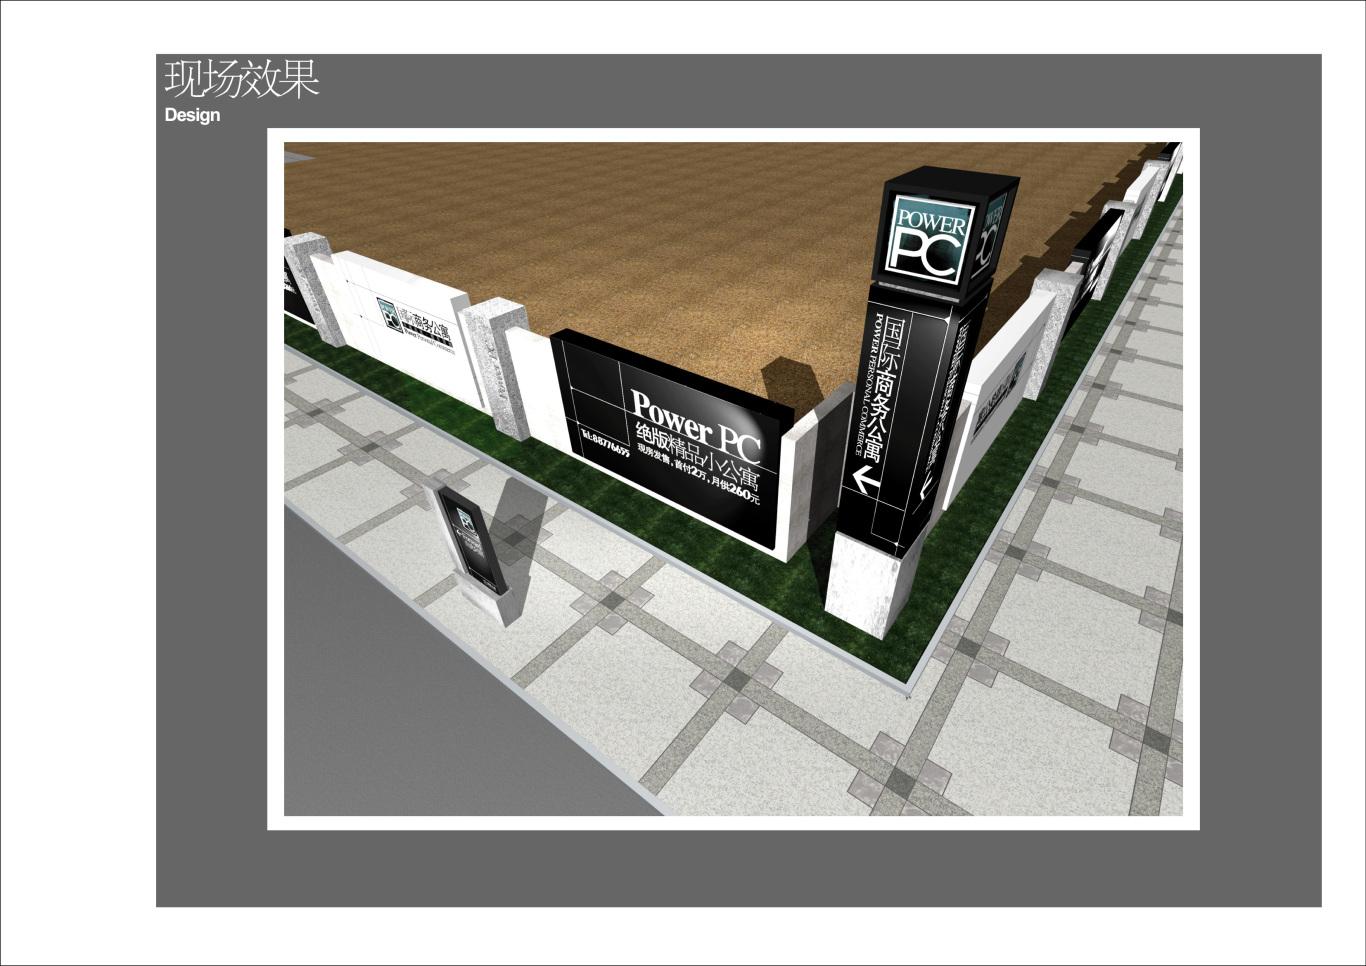 国际商务公寓的整体推广方案图9